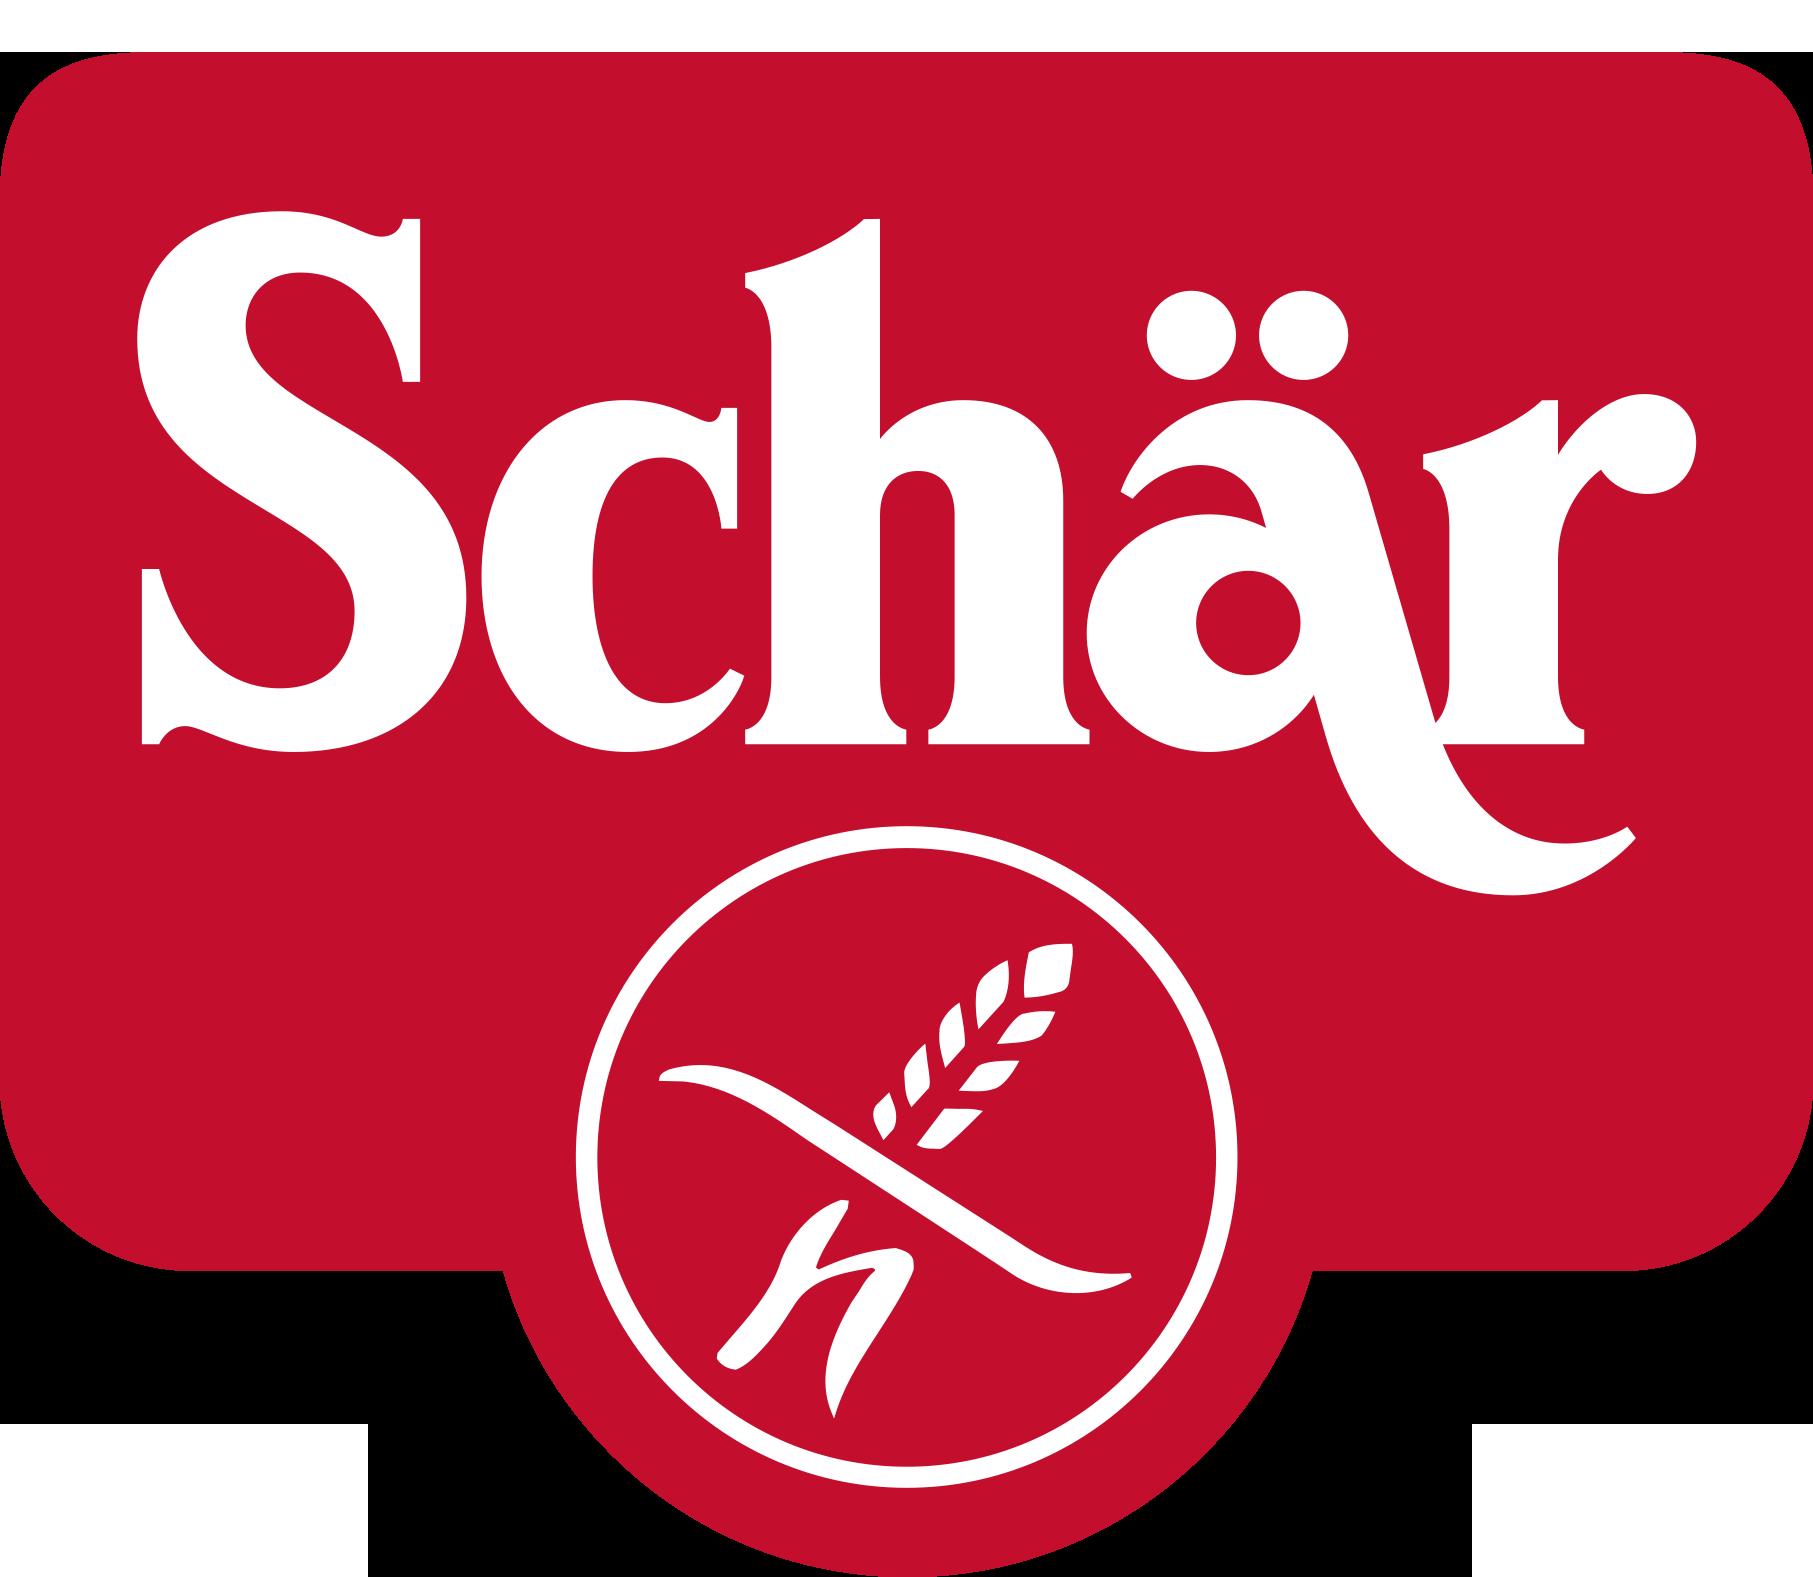 Dr Schar